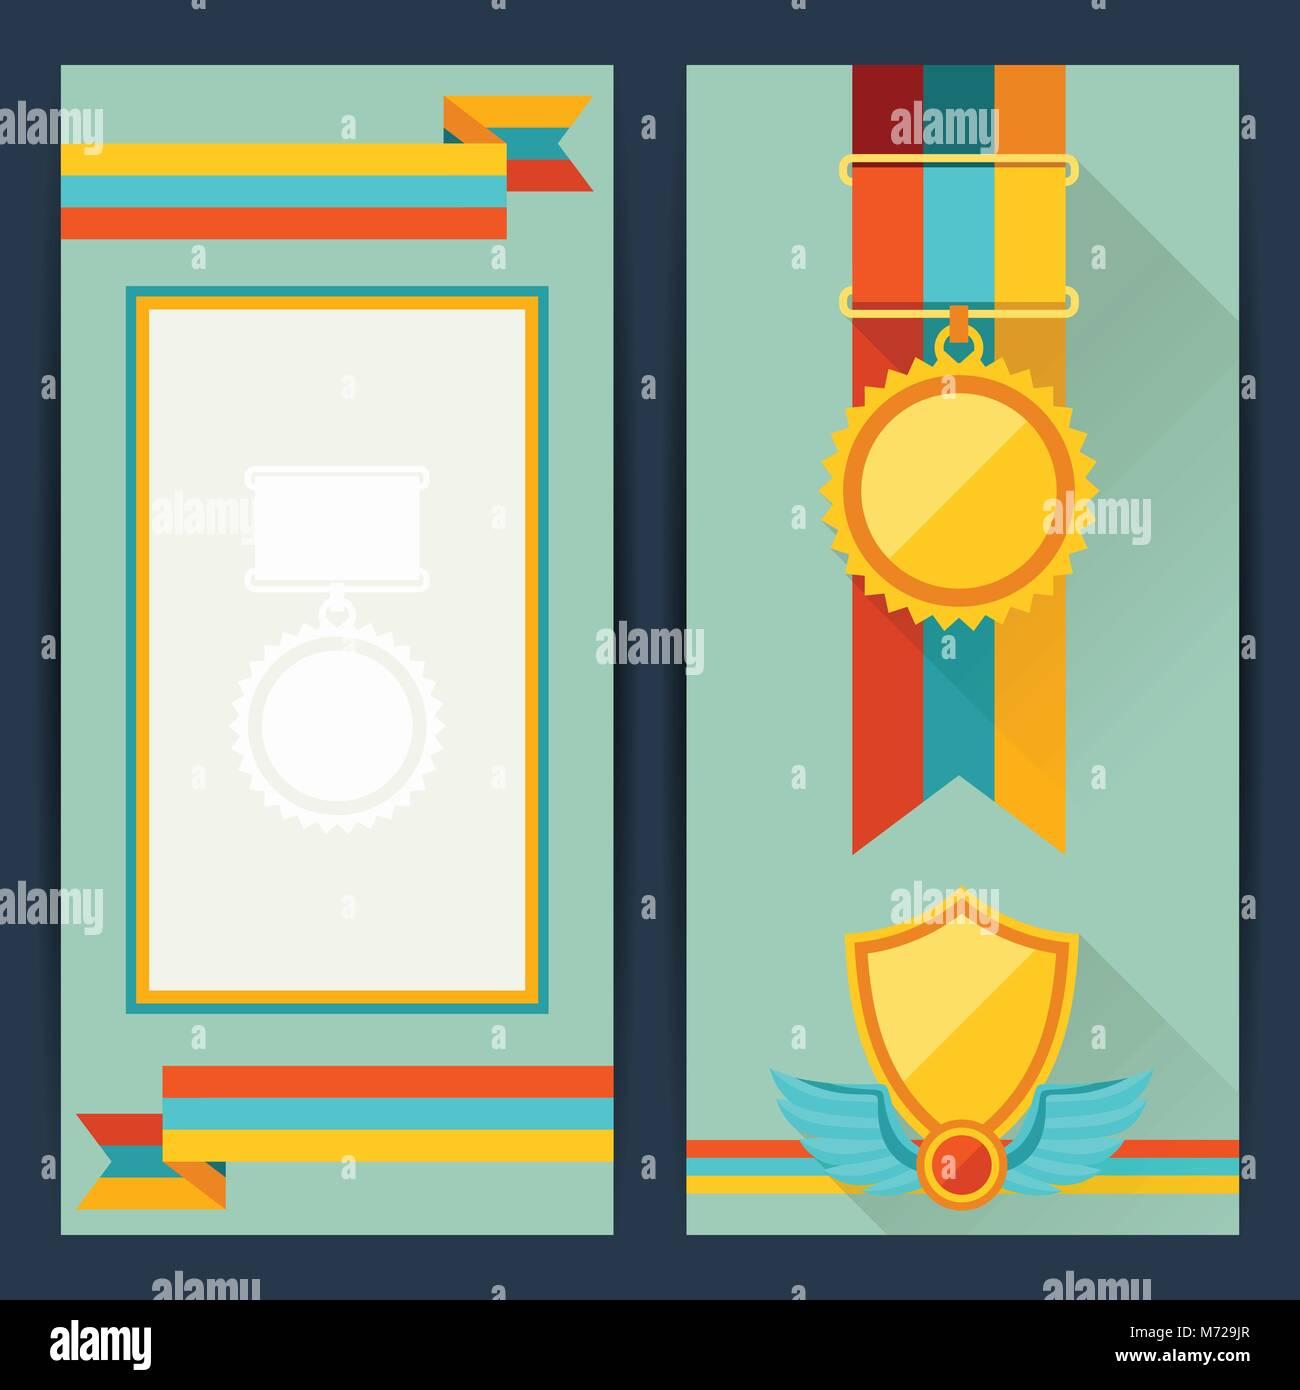 Zertifikatvorlagen mit Auszeichnungen im flachen Design Stil Vektor ...